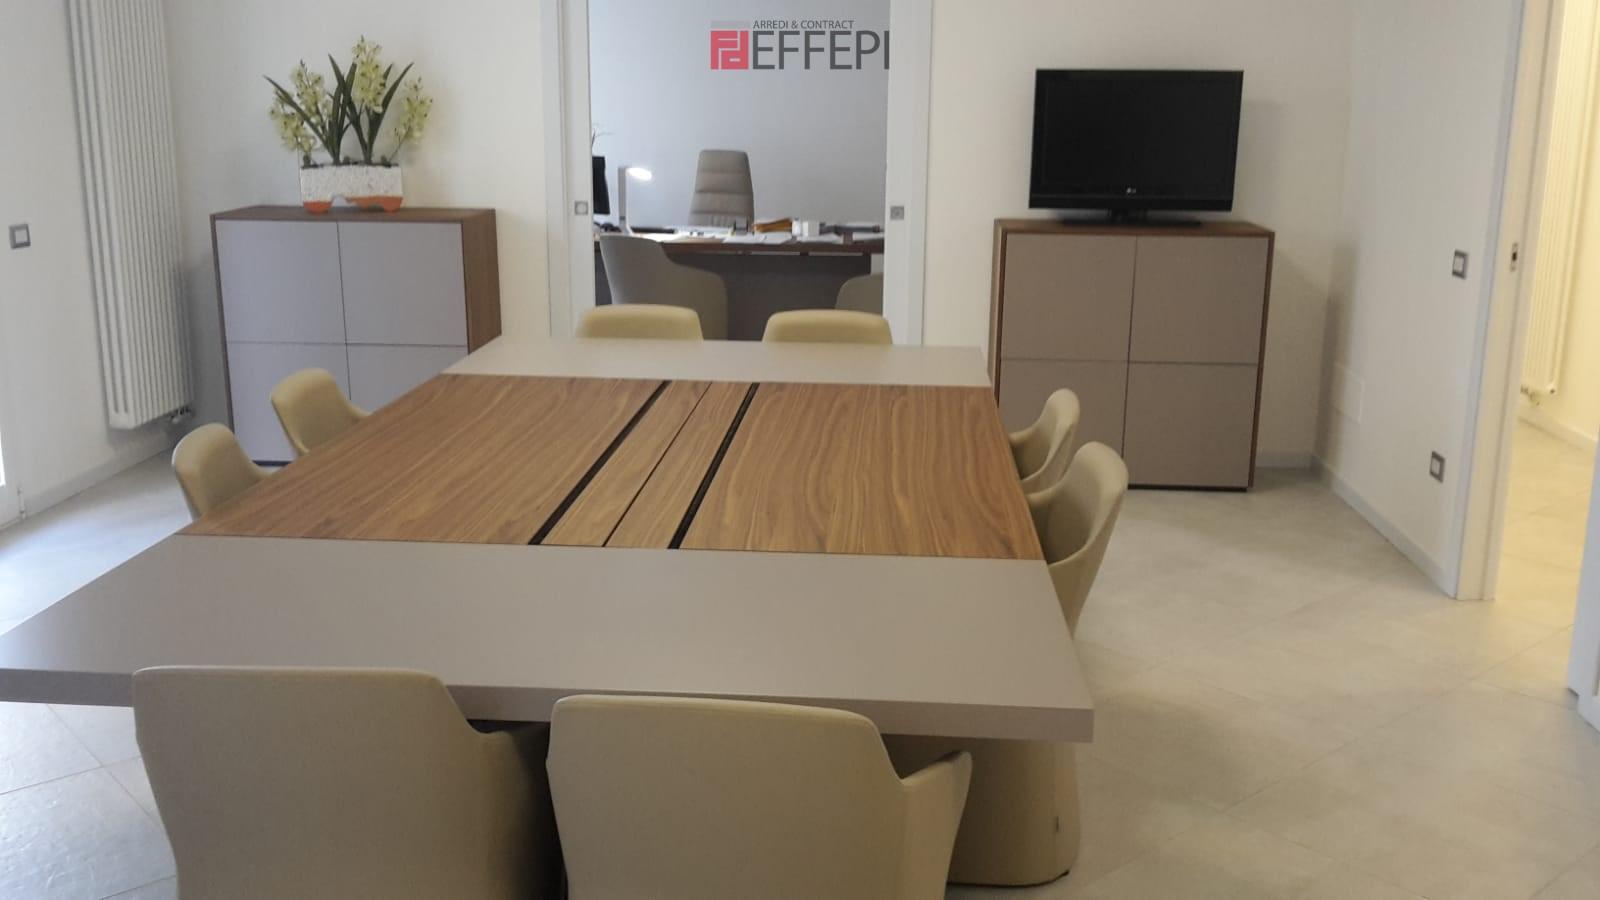 Fornitura Arredi Ufficio.Fornitura Arredi Studio Tributario Effepi Arredi